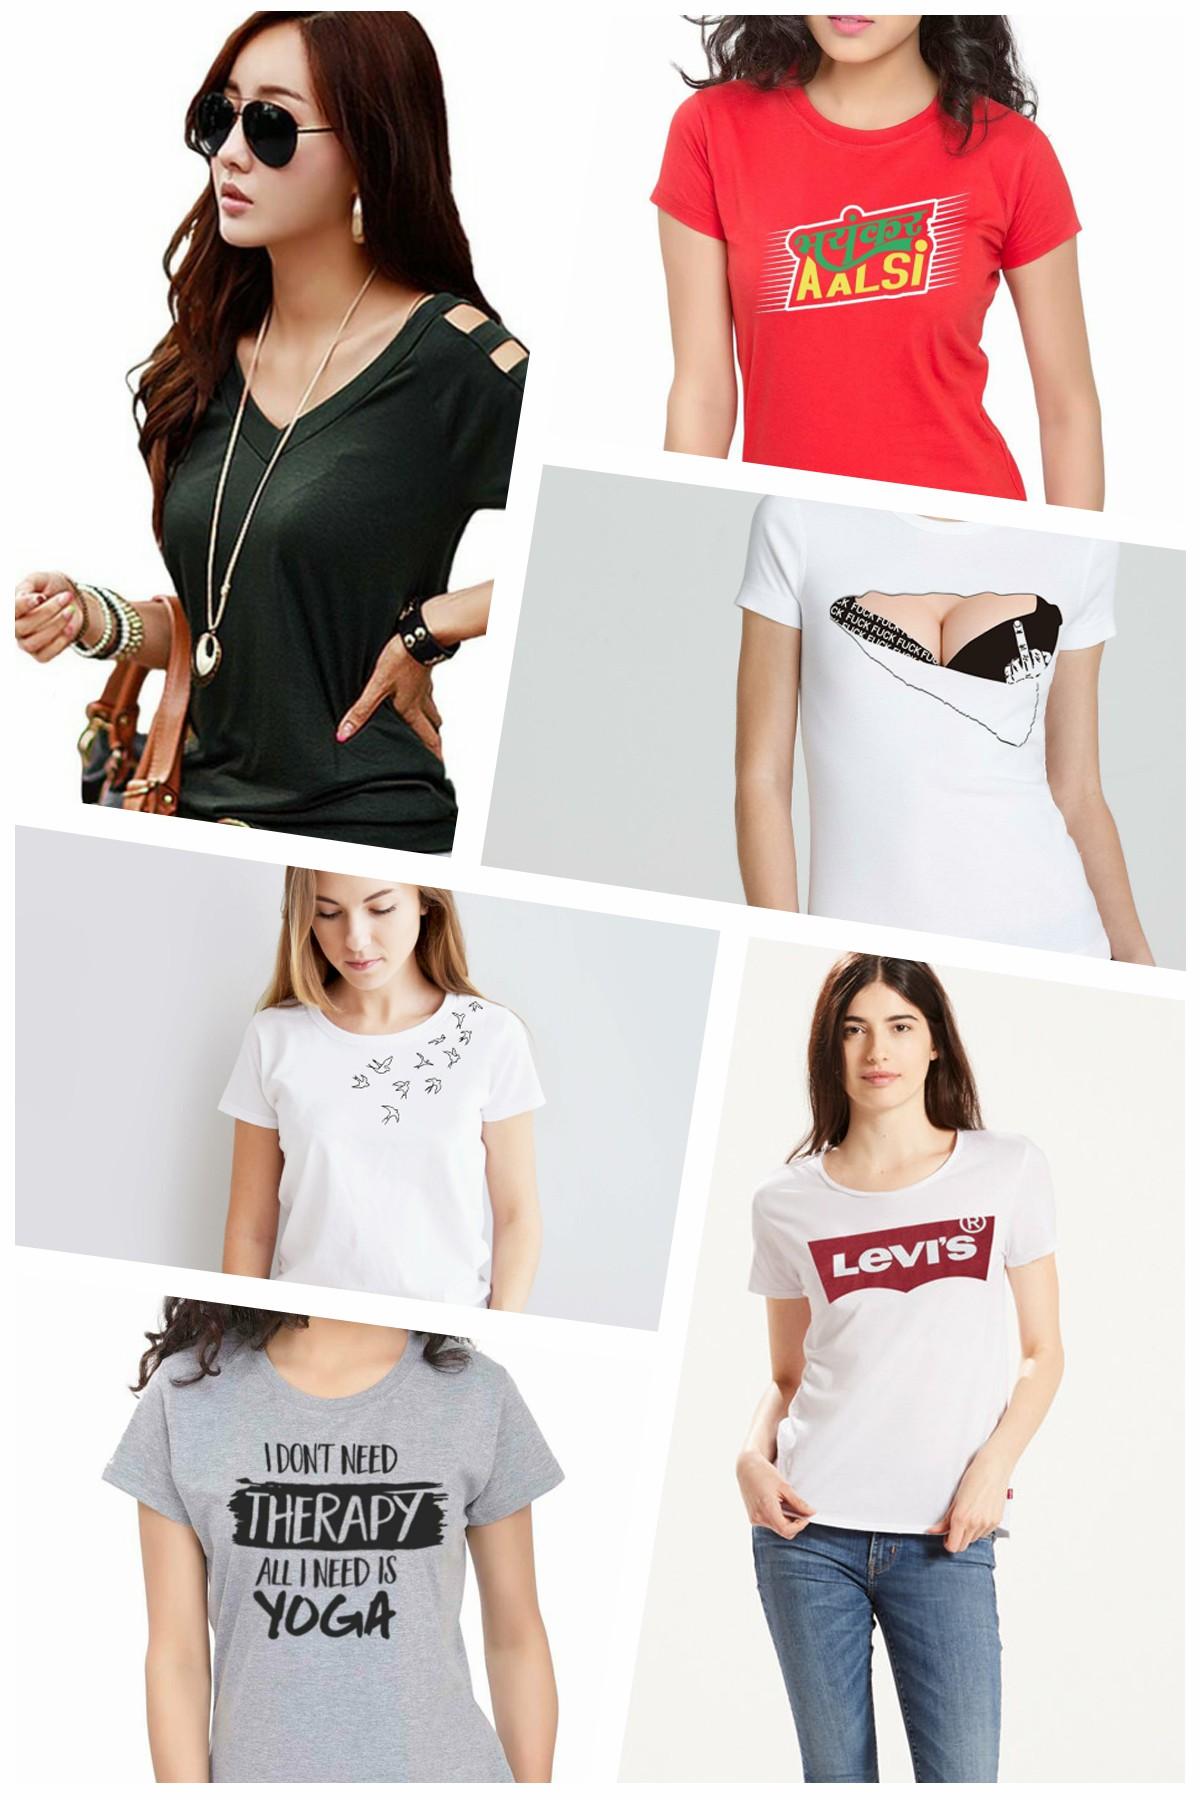 bo suu tap shop ban ao thun nu dep cac ban nu nen co 5 - Bộ sưu tập shop bán áo thun nữ đẹp các bạn nữ nên có